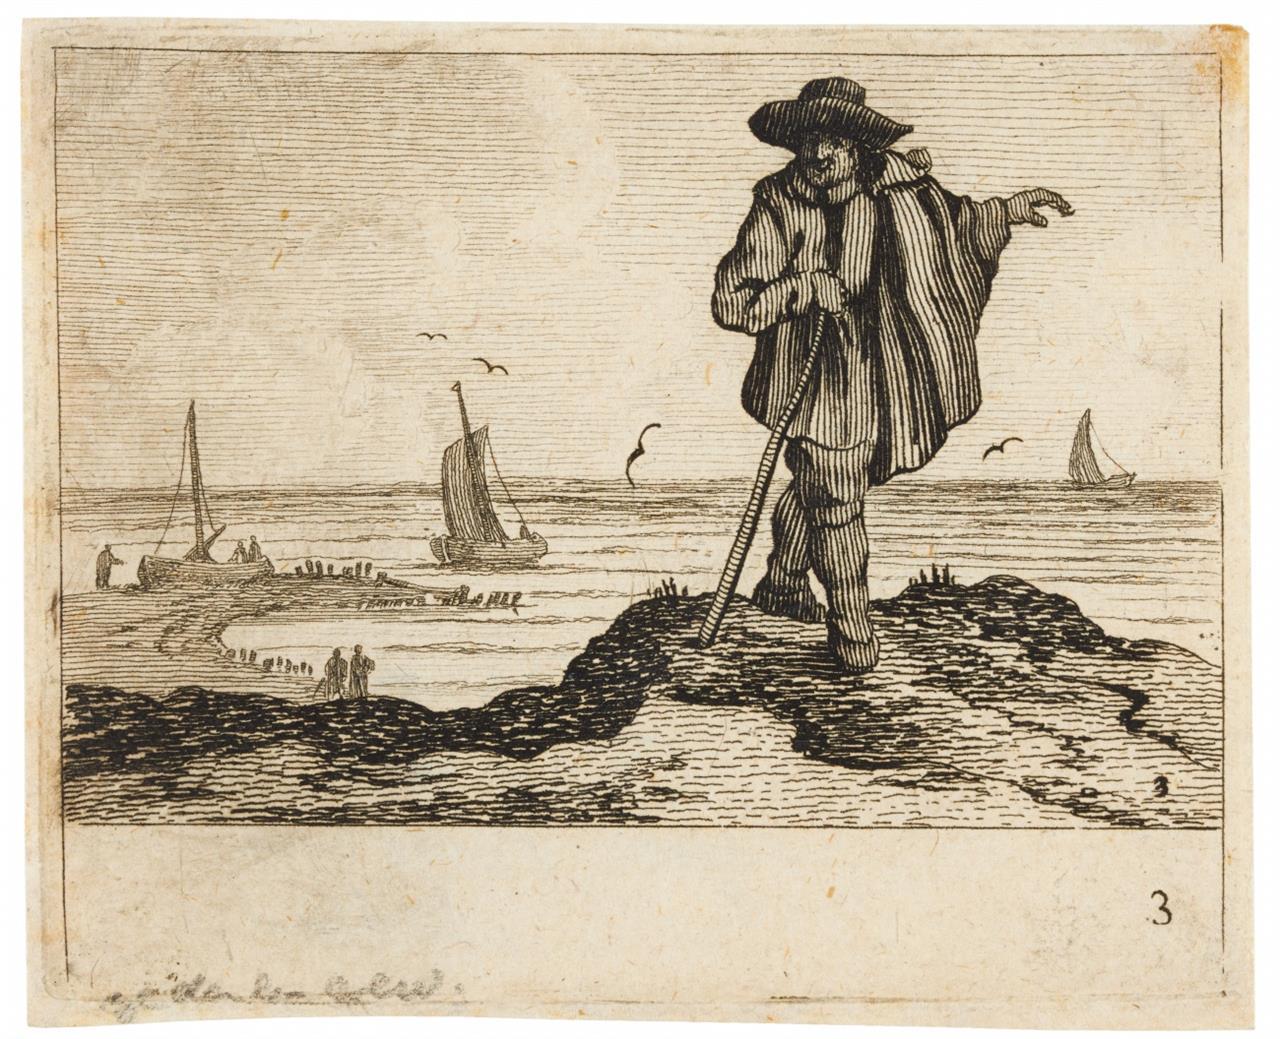 Jan Porcellis. Aus: Verscheyden Stranden en Watergesichten (Blatt 2,3,4). 3 Kupferstiche. H. 3-4